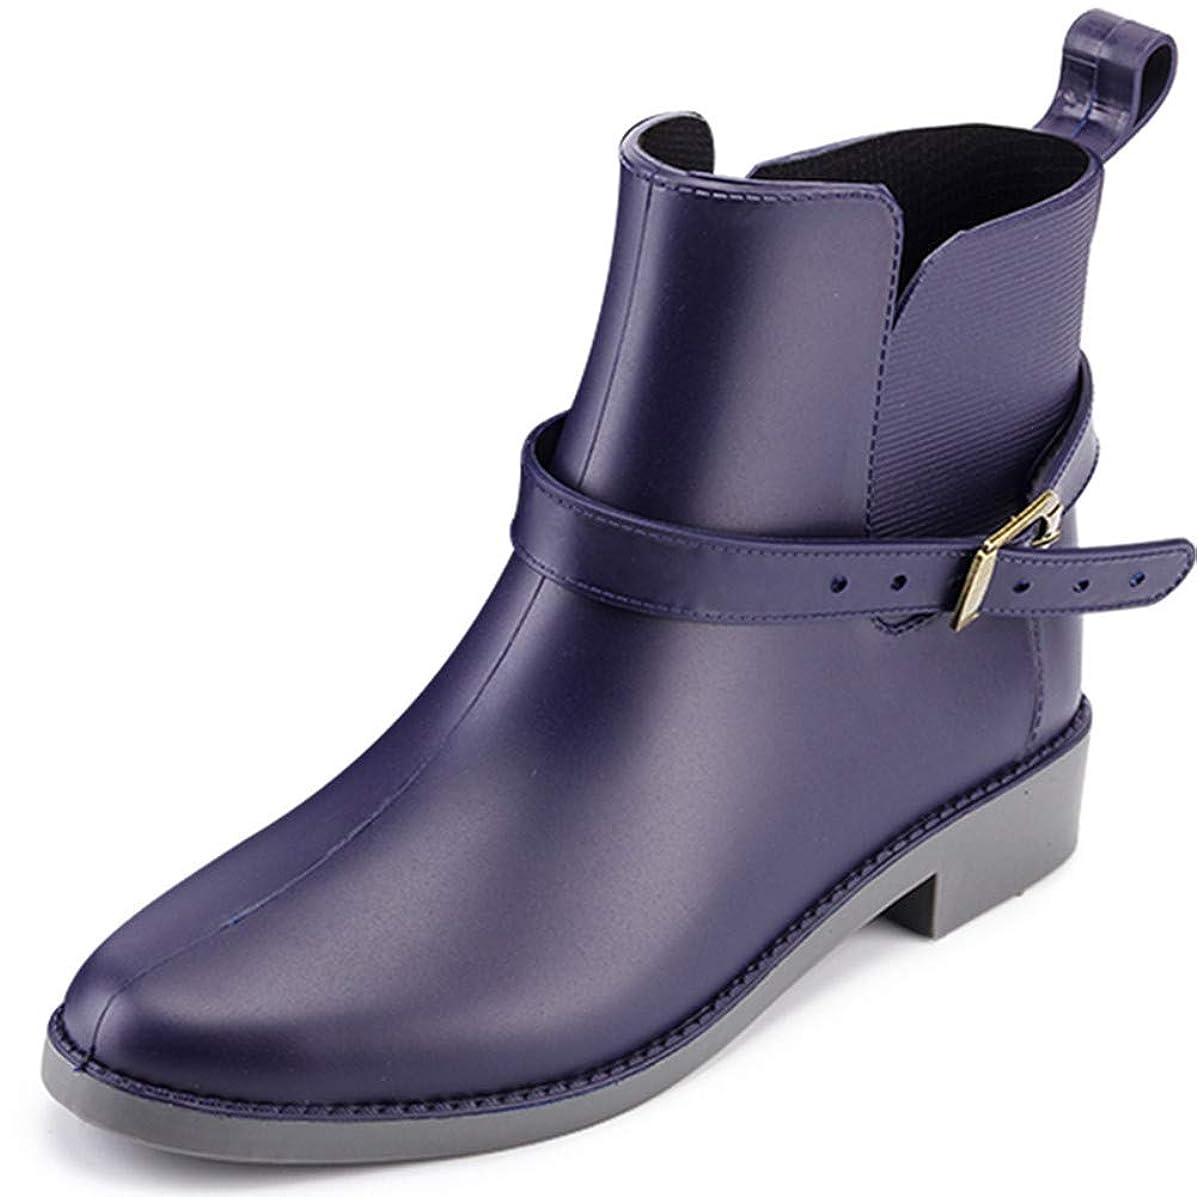 読書をするきらめき契約した[Vmeto] レインブーツ レディース PVC 軽量 ショートブーツ 無地 防水 レインシューズ 滑り止め 雨靴 梅雨対策 シューズ